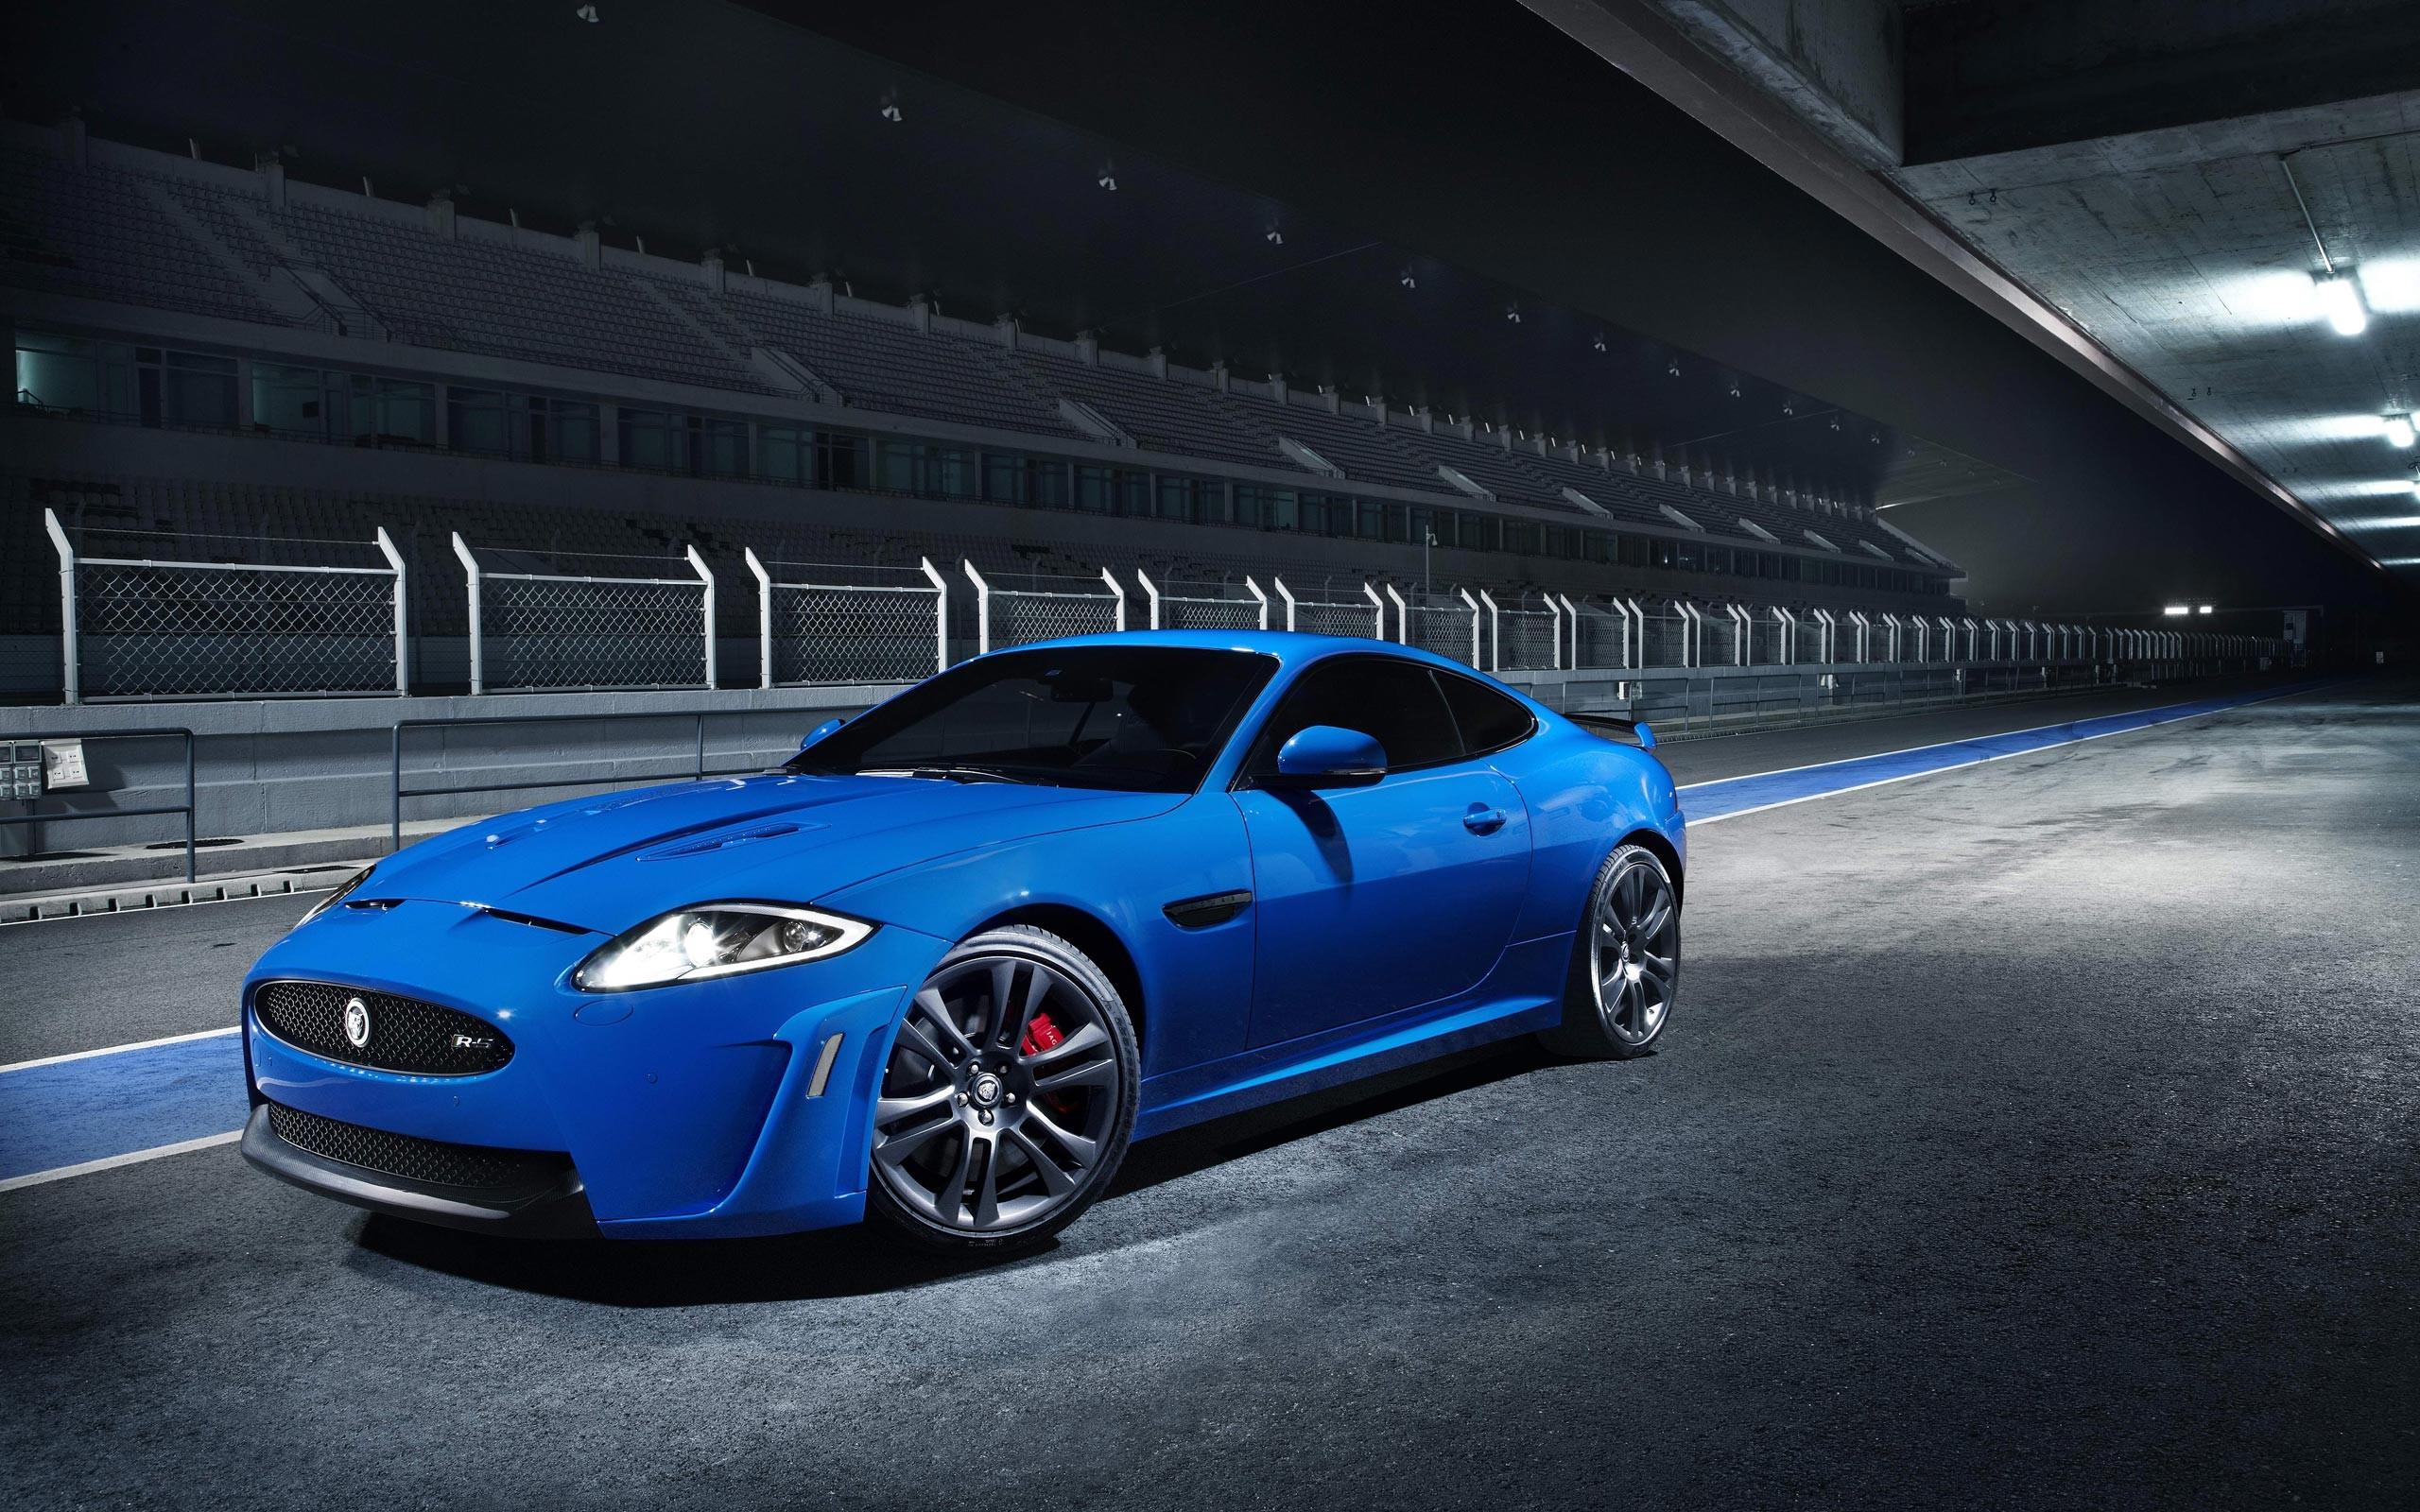 Res: 2560x1600, Cool Blue Car Wallpaper 32611